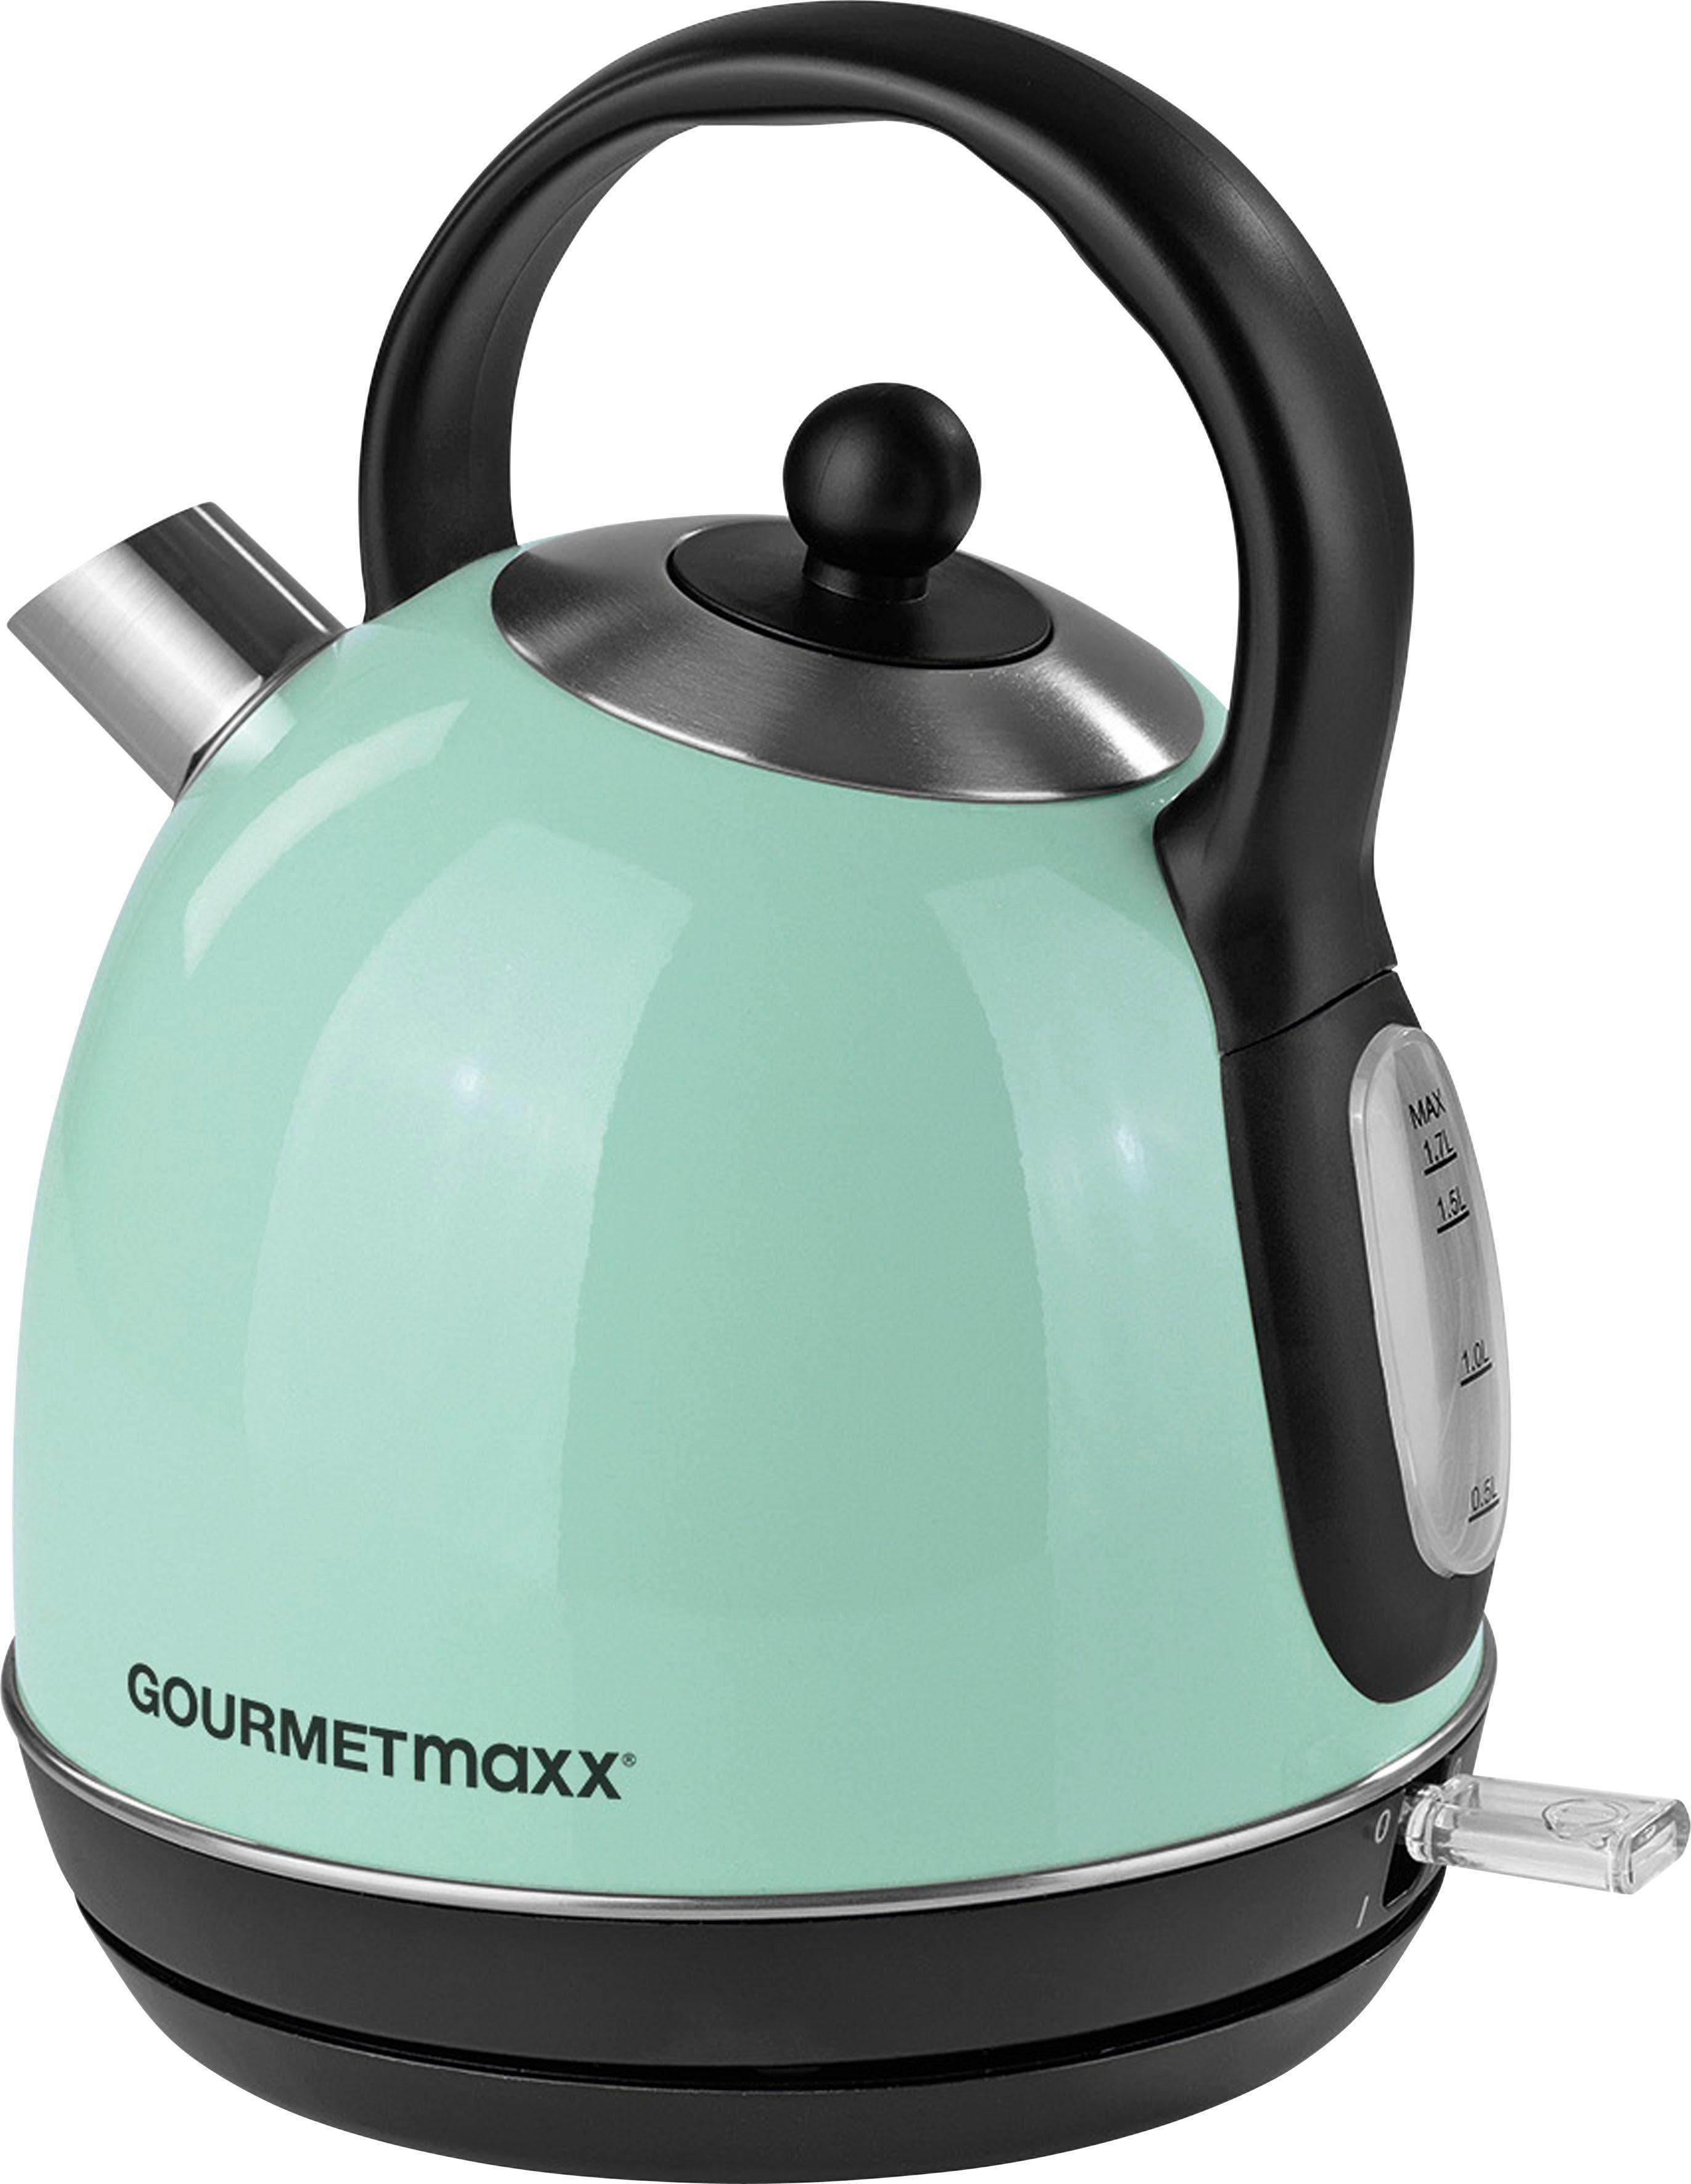 GOURMETmaxx Wasserkocher Retro 2200W - Mint, 1,7 l, 2200 W